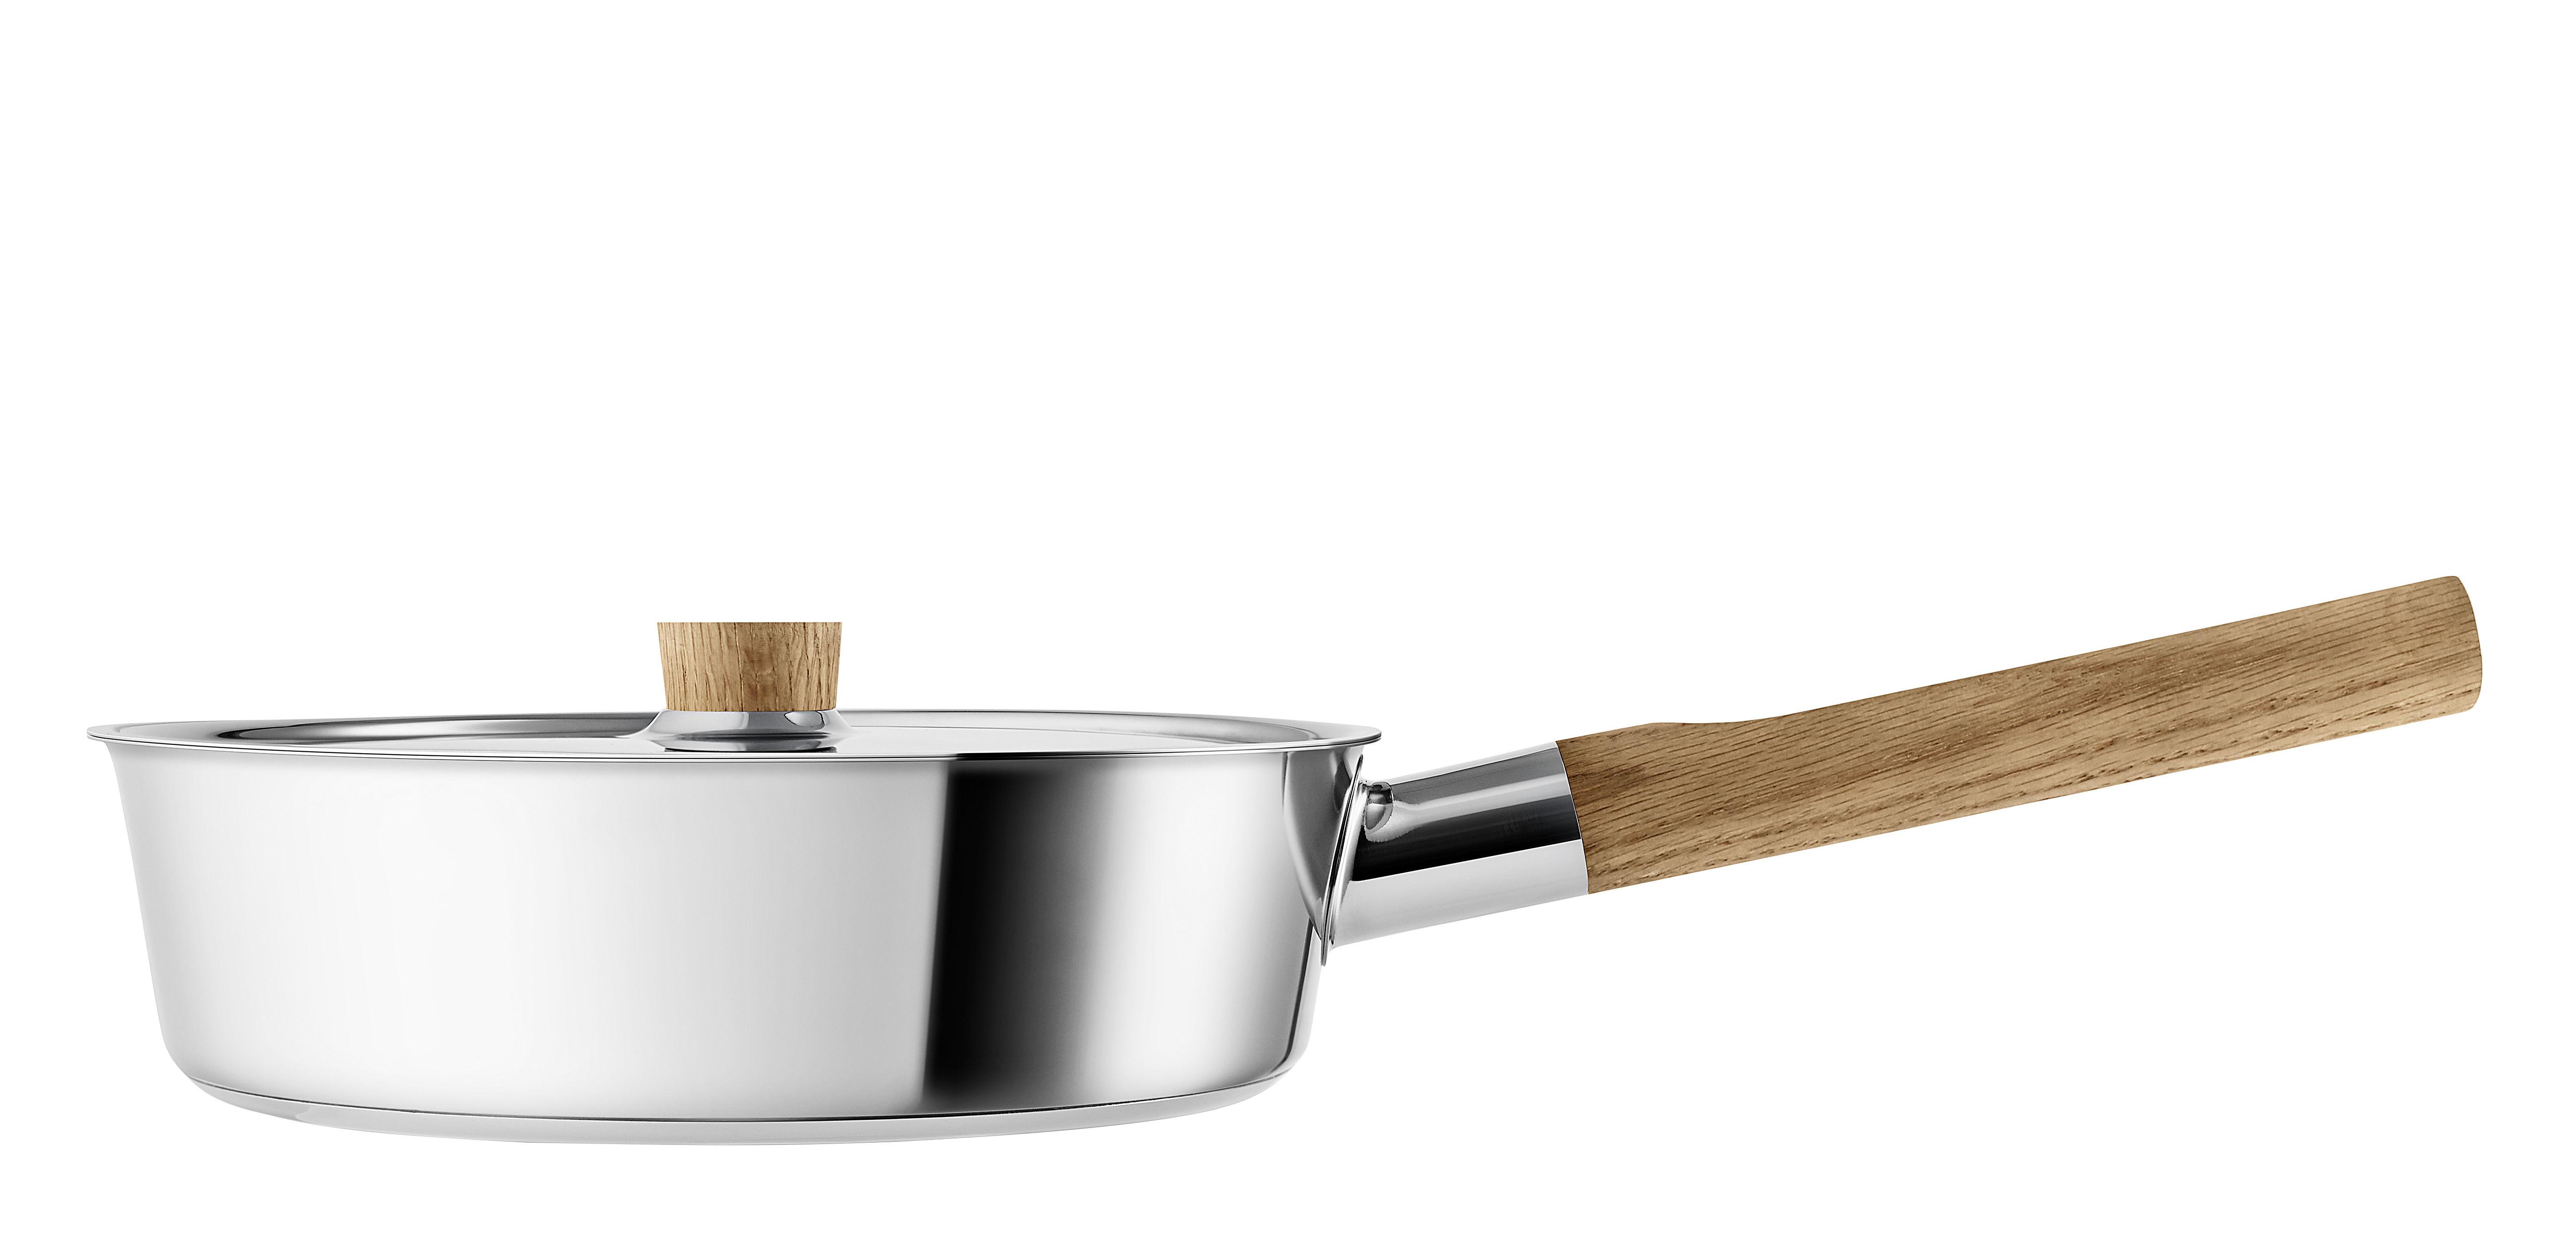 Cuisine - Casseroles, poêles, plats... - Sauteuse Nordic Kitchen / Ø 24 cm - Avec couvercle - Eva Solo - Inox / Chêne - Acier inoxydable, Chêne